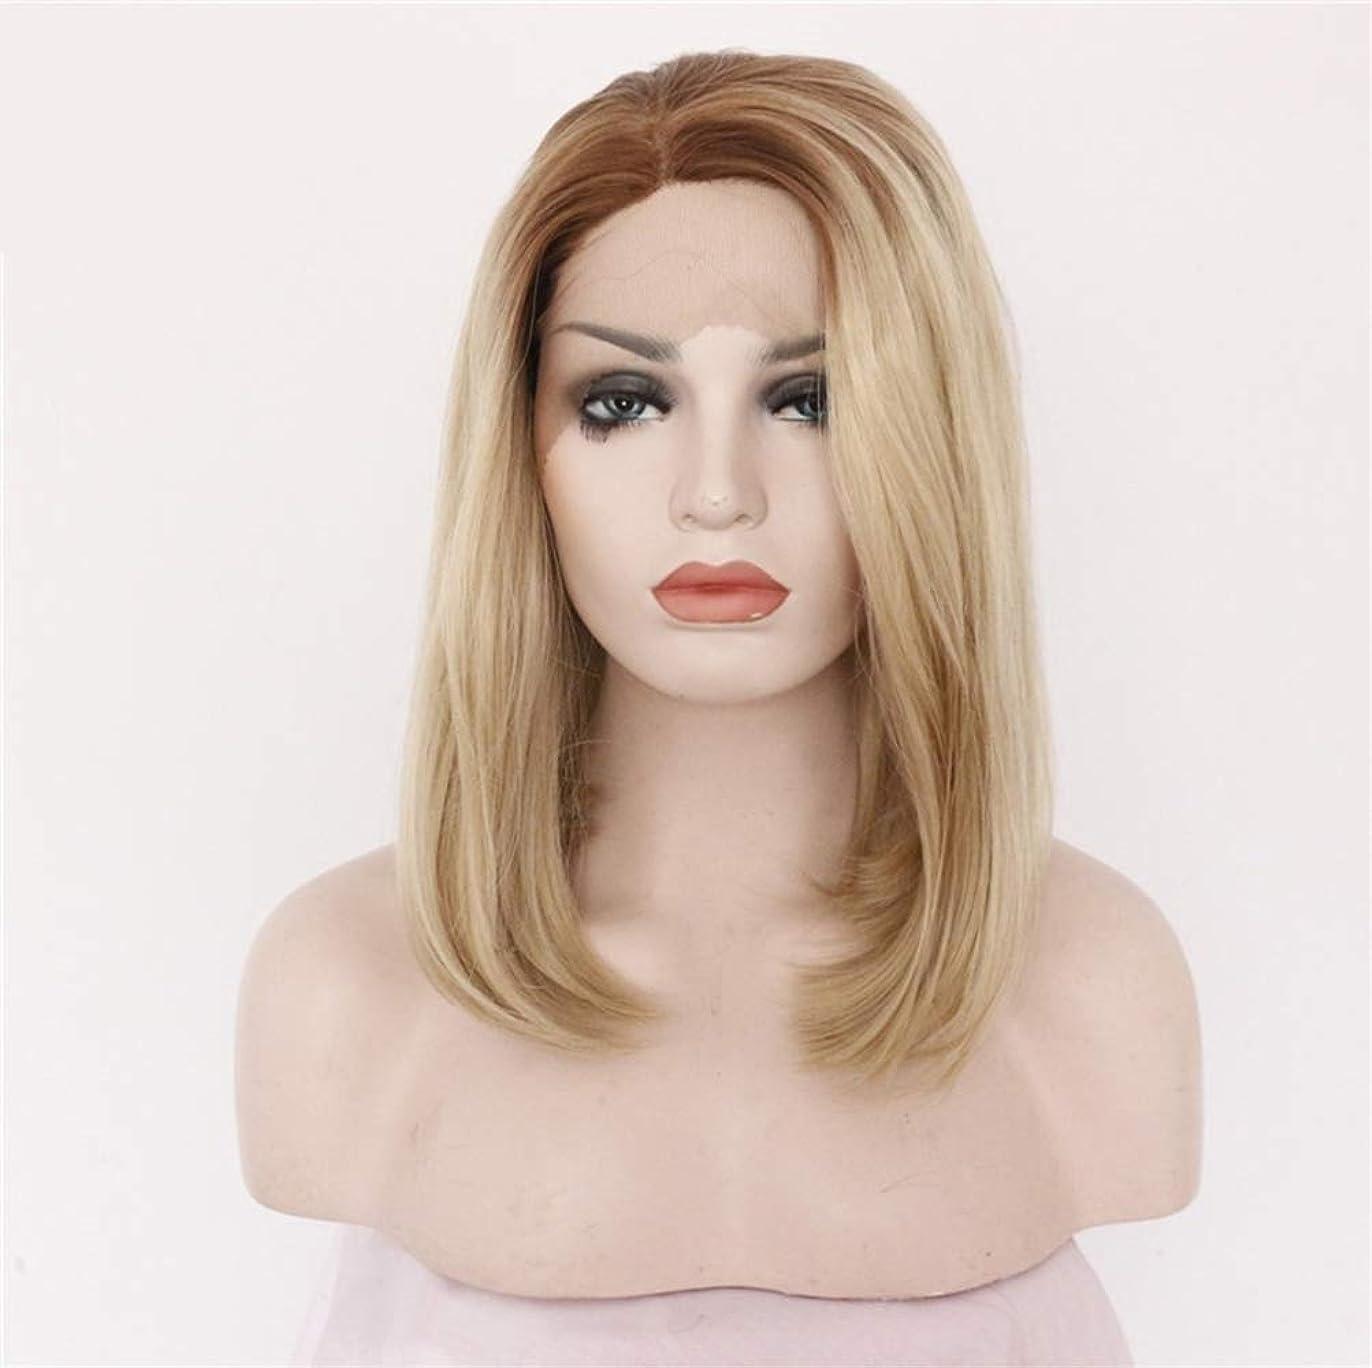 かつらストレートボブレースフロントかつら人間の髪の毛プレ摘み取ら自然な生え際付きベビーヘアー130%密度16インチ